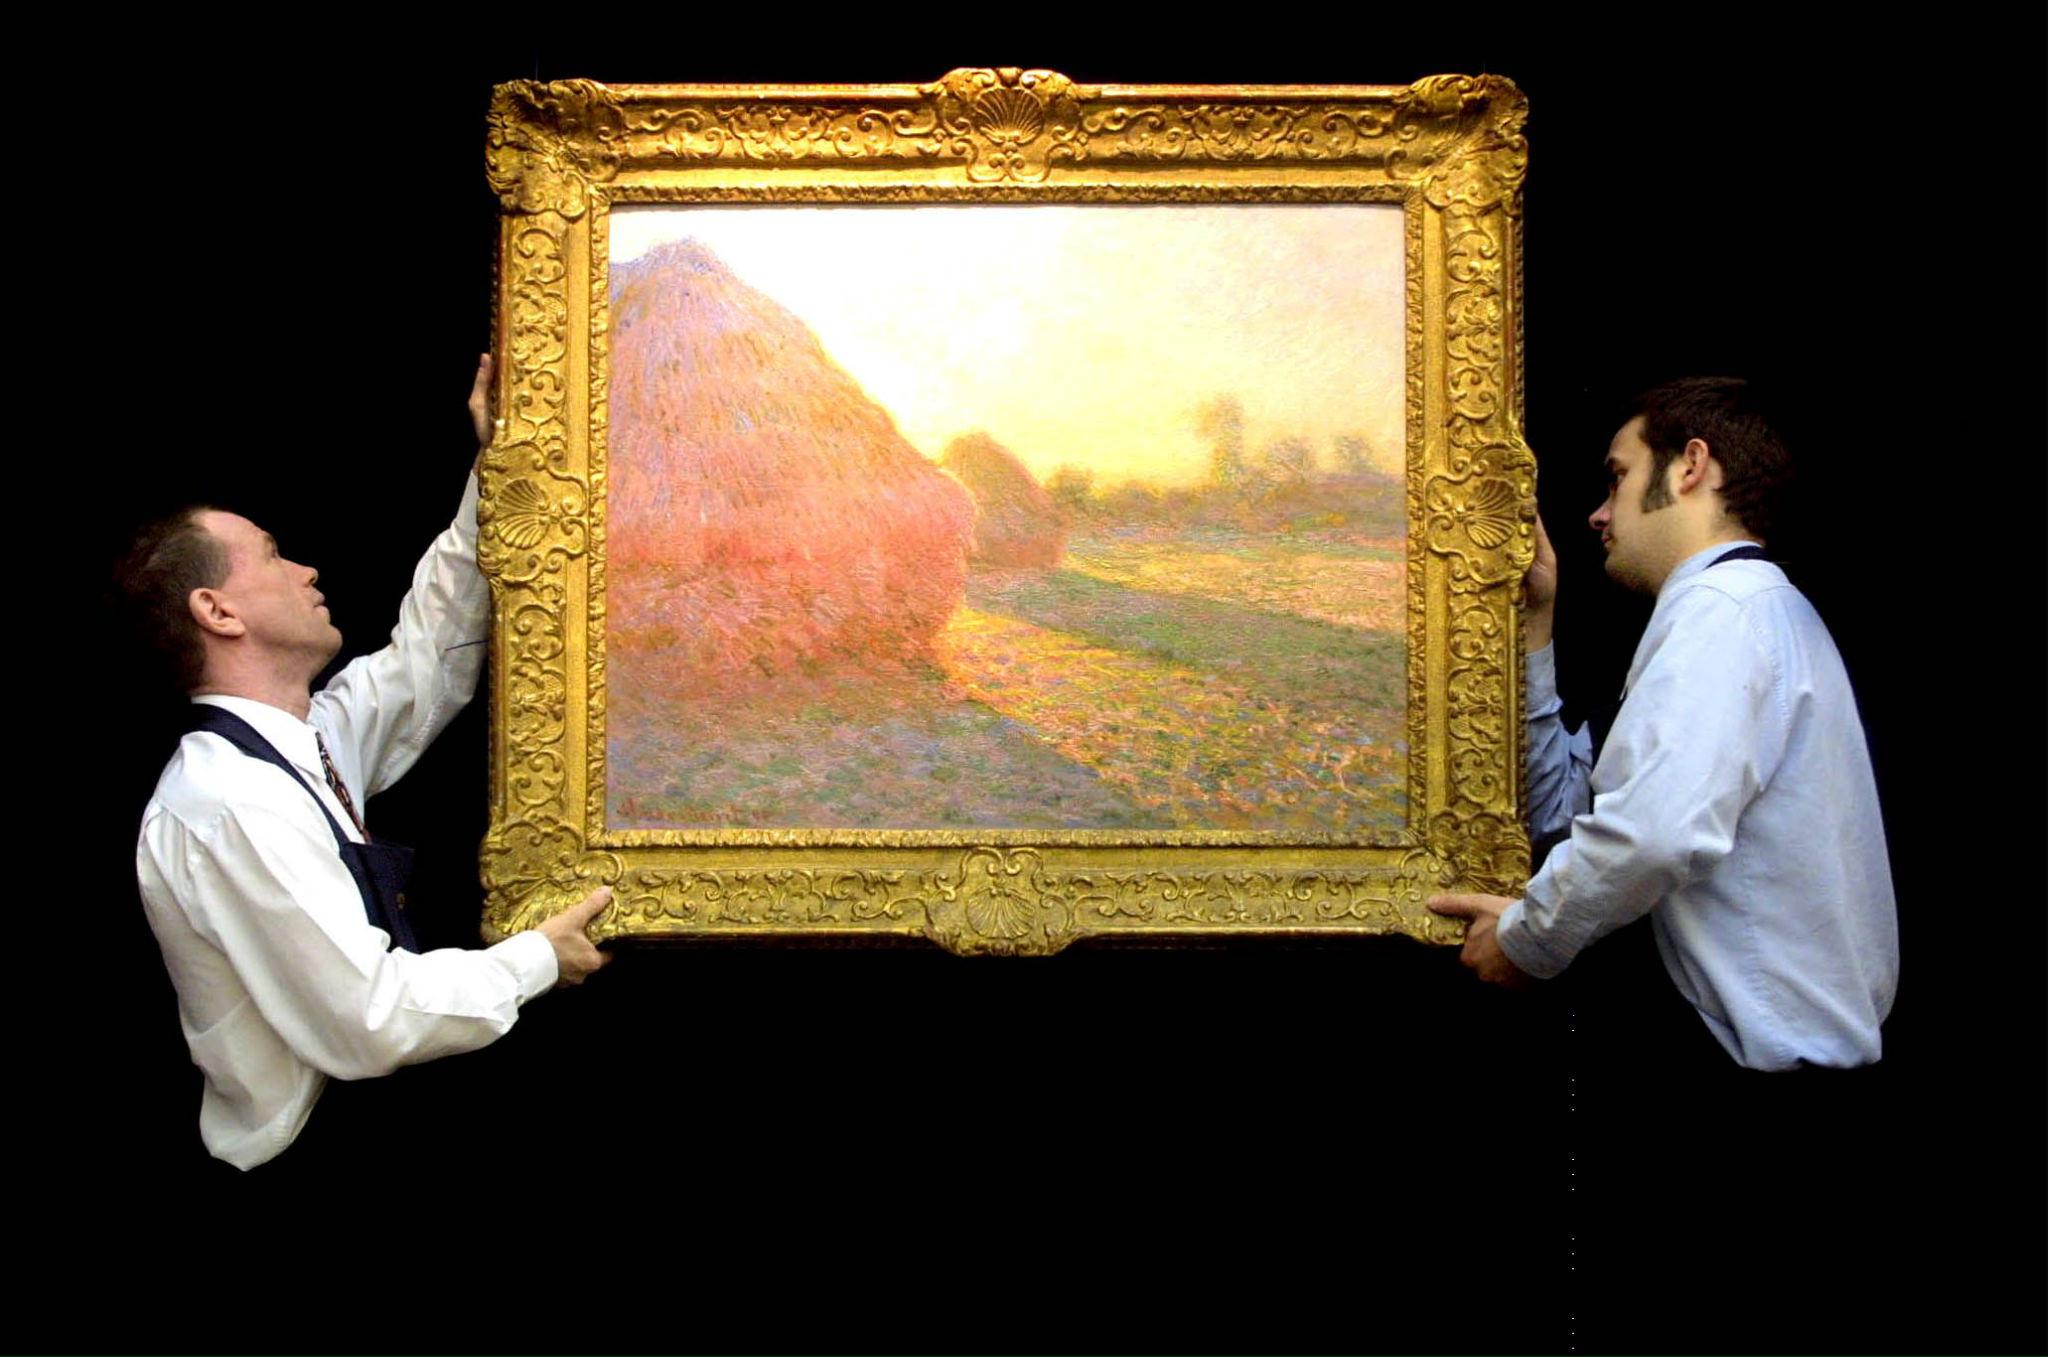 PÚBLICO - Falsificações levam Sotheby's a comprar laboratório